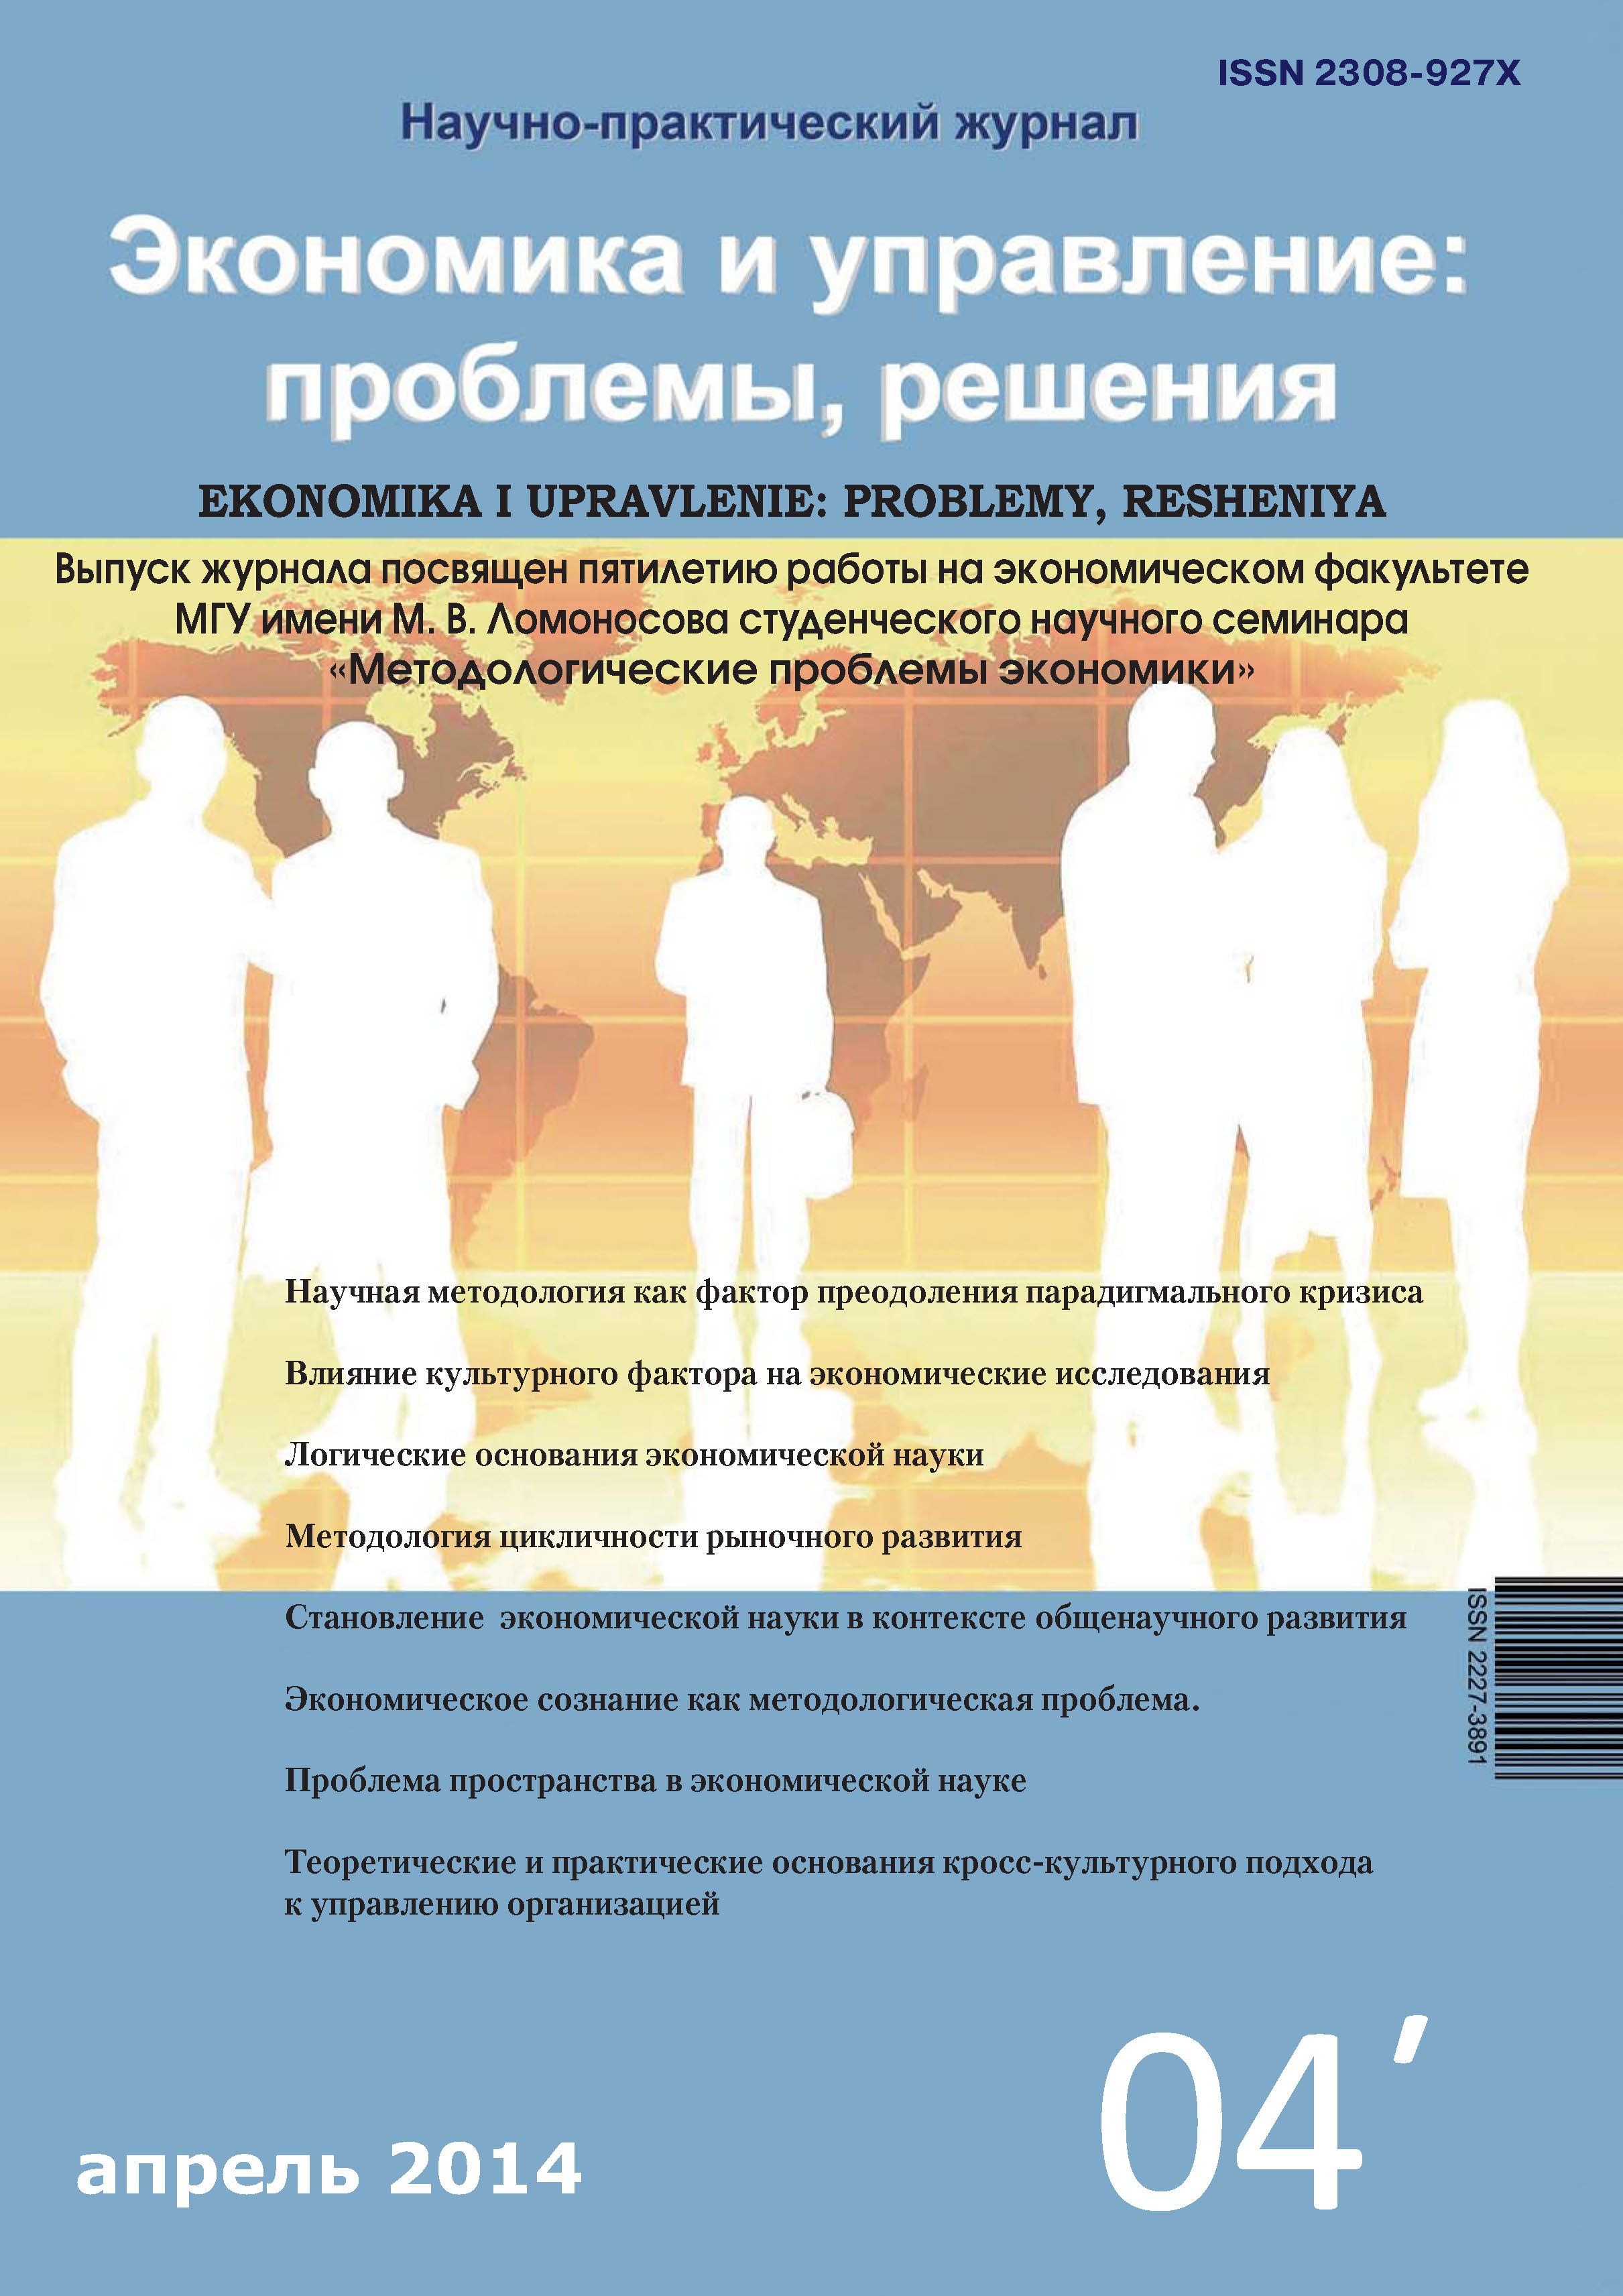 Экономика и управление: проблемы, решения №04/2014